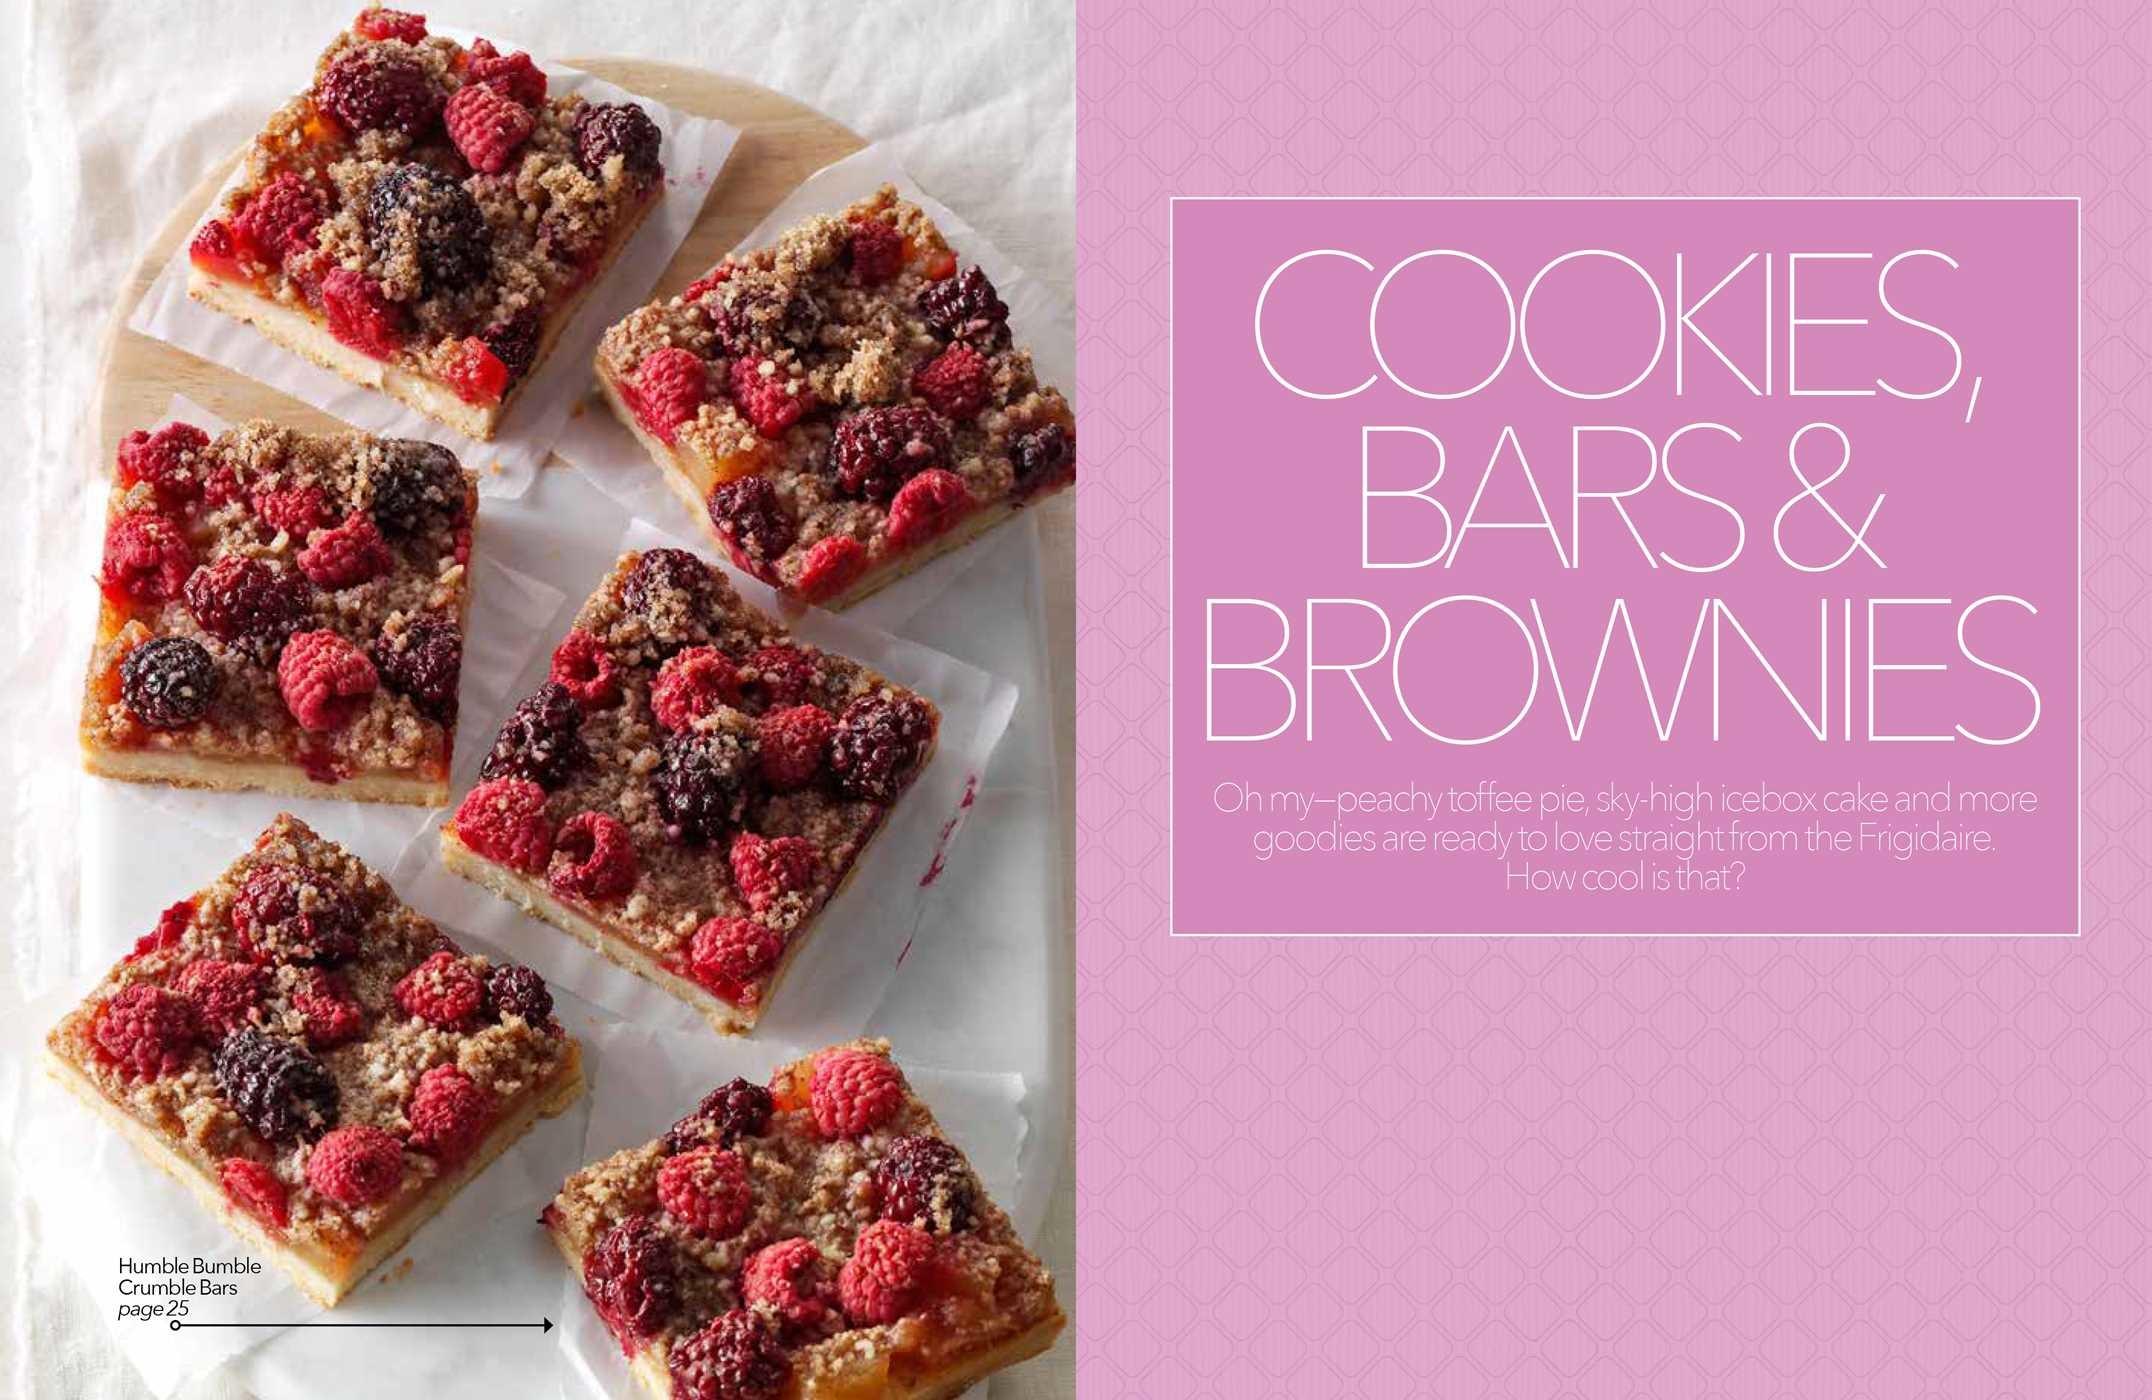 Taste of home simply healthy cookbook 9781617657191.in02